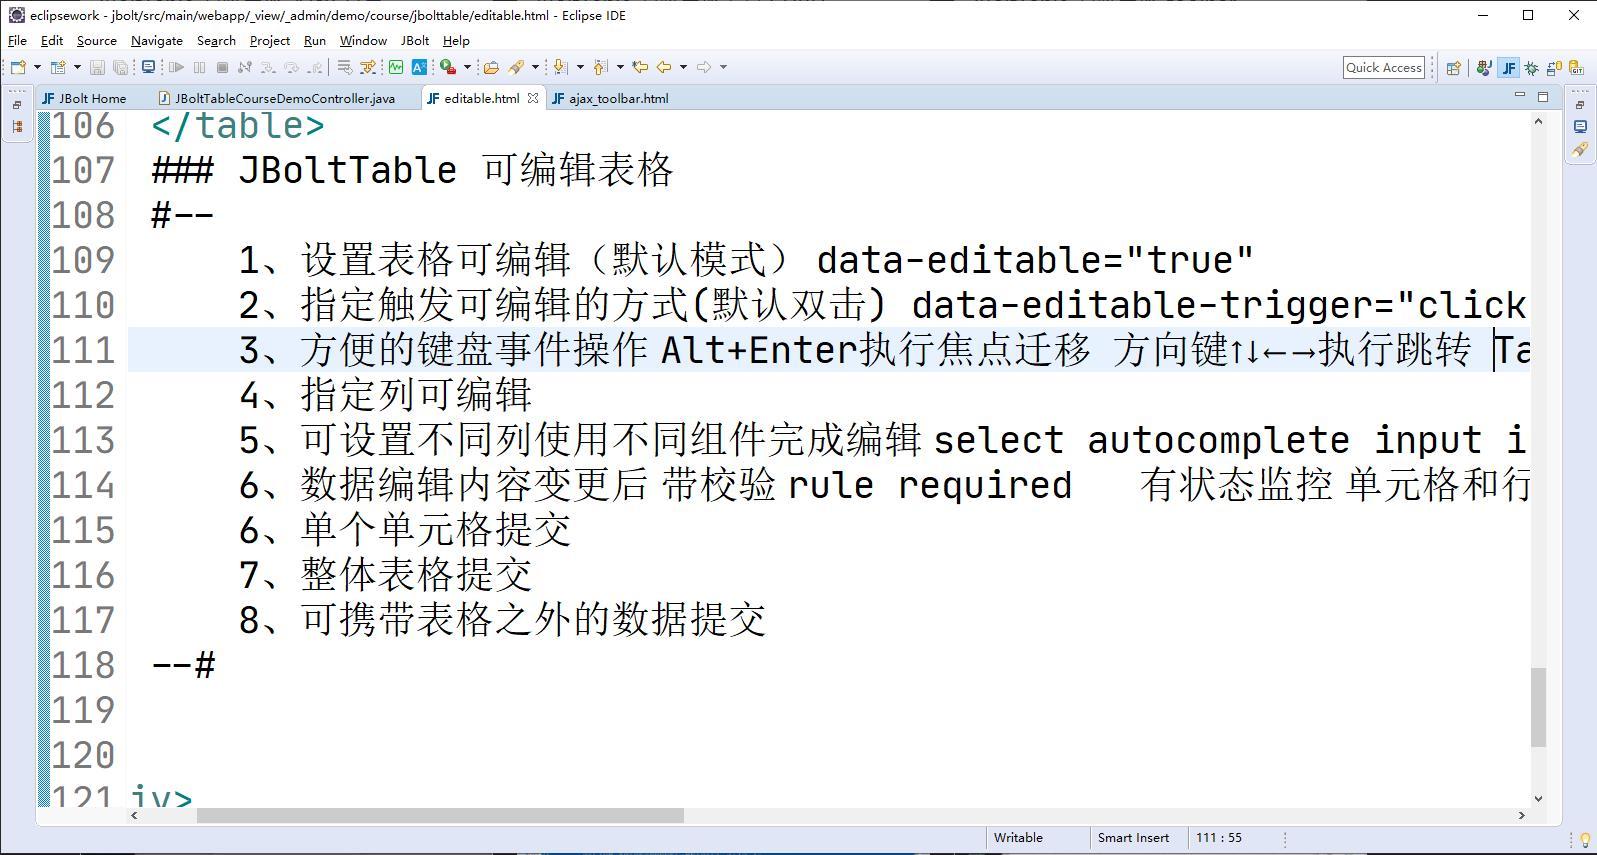 jbolttable-可编辑表格-初级